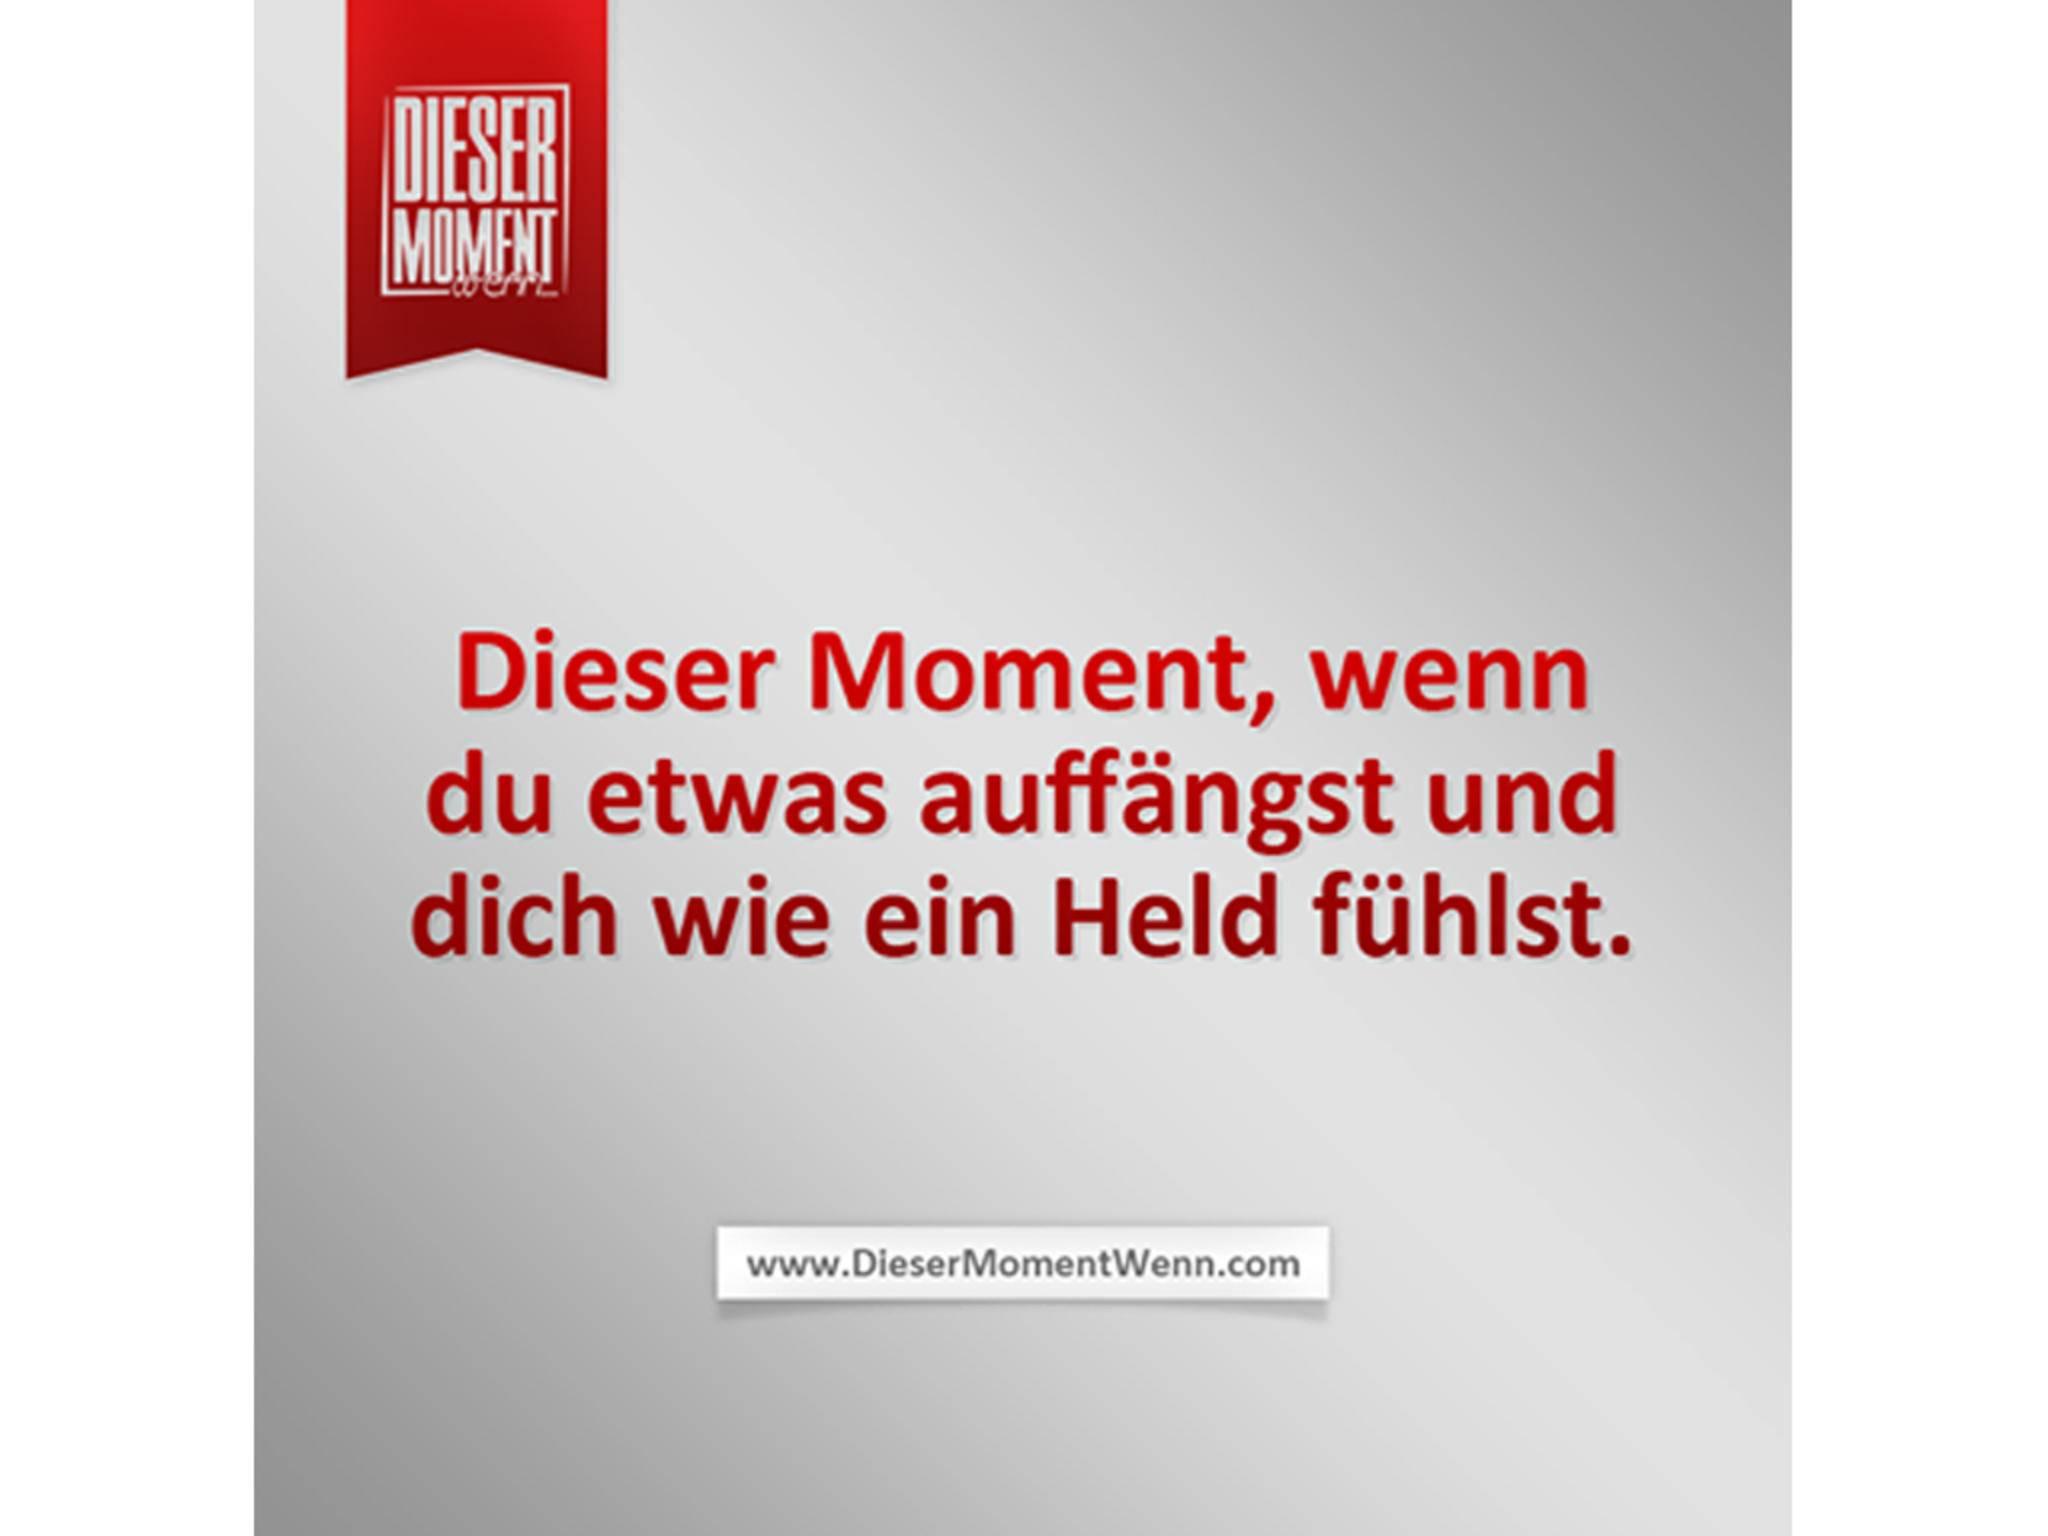 Facebook_Dieser Moment wenn 2